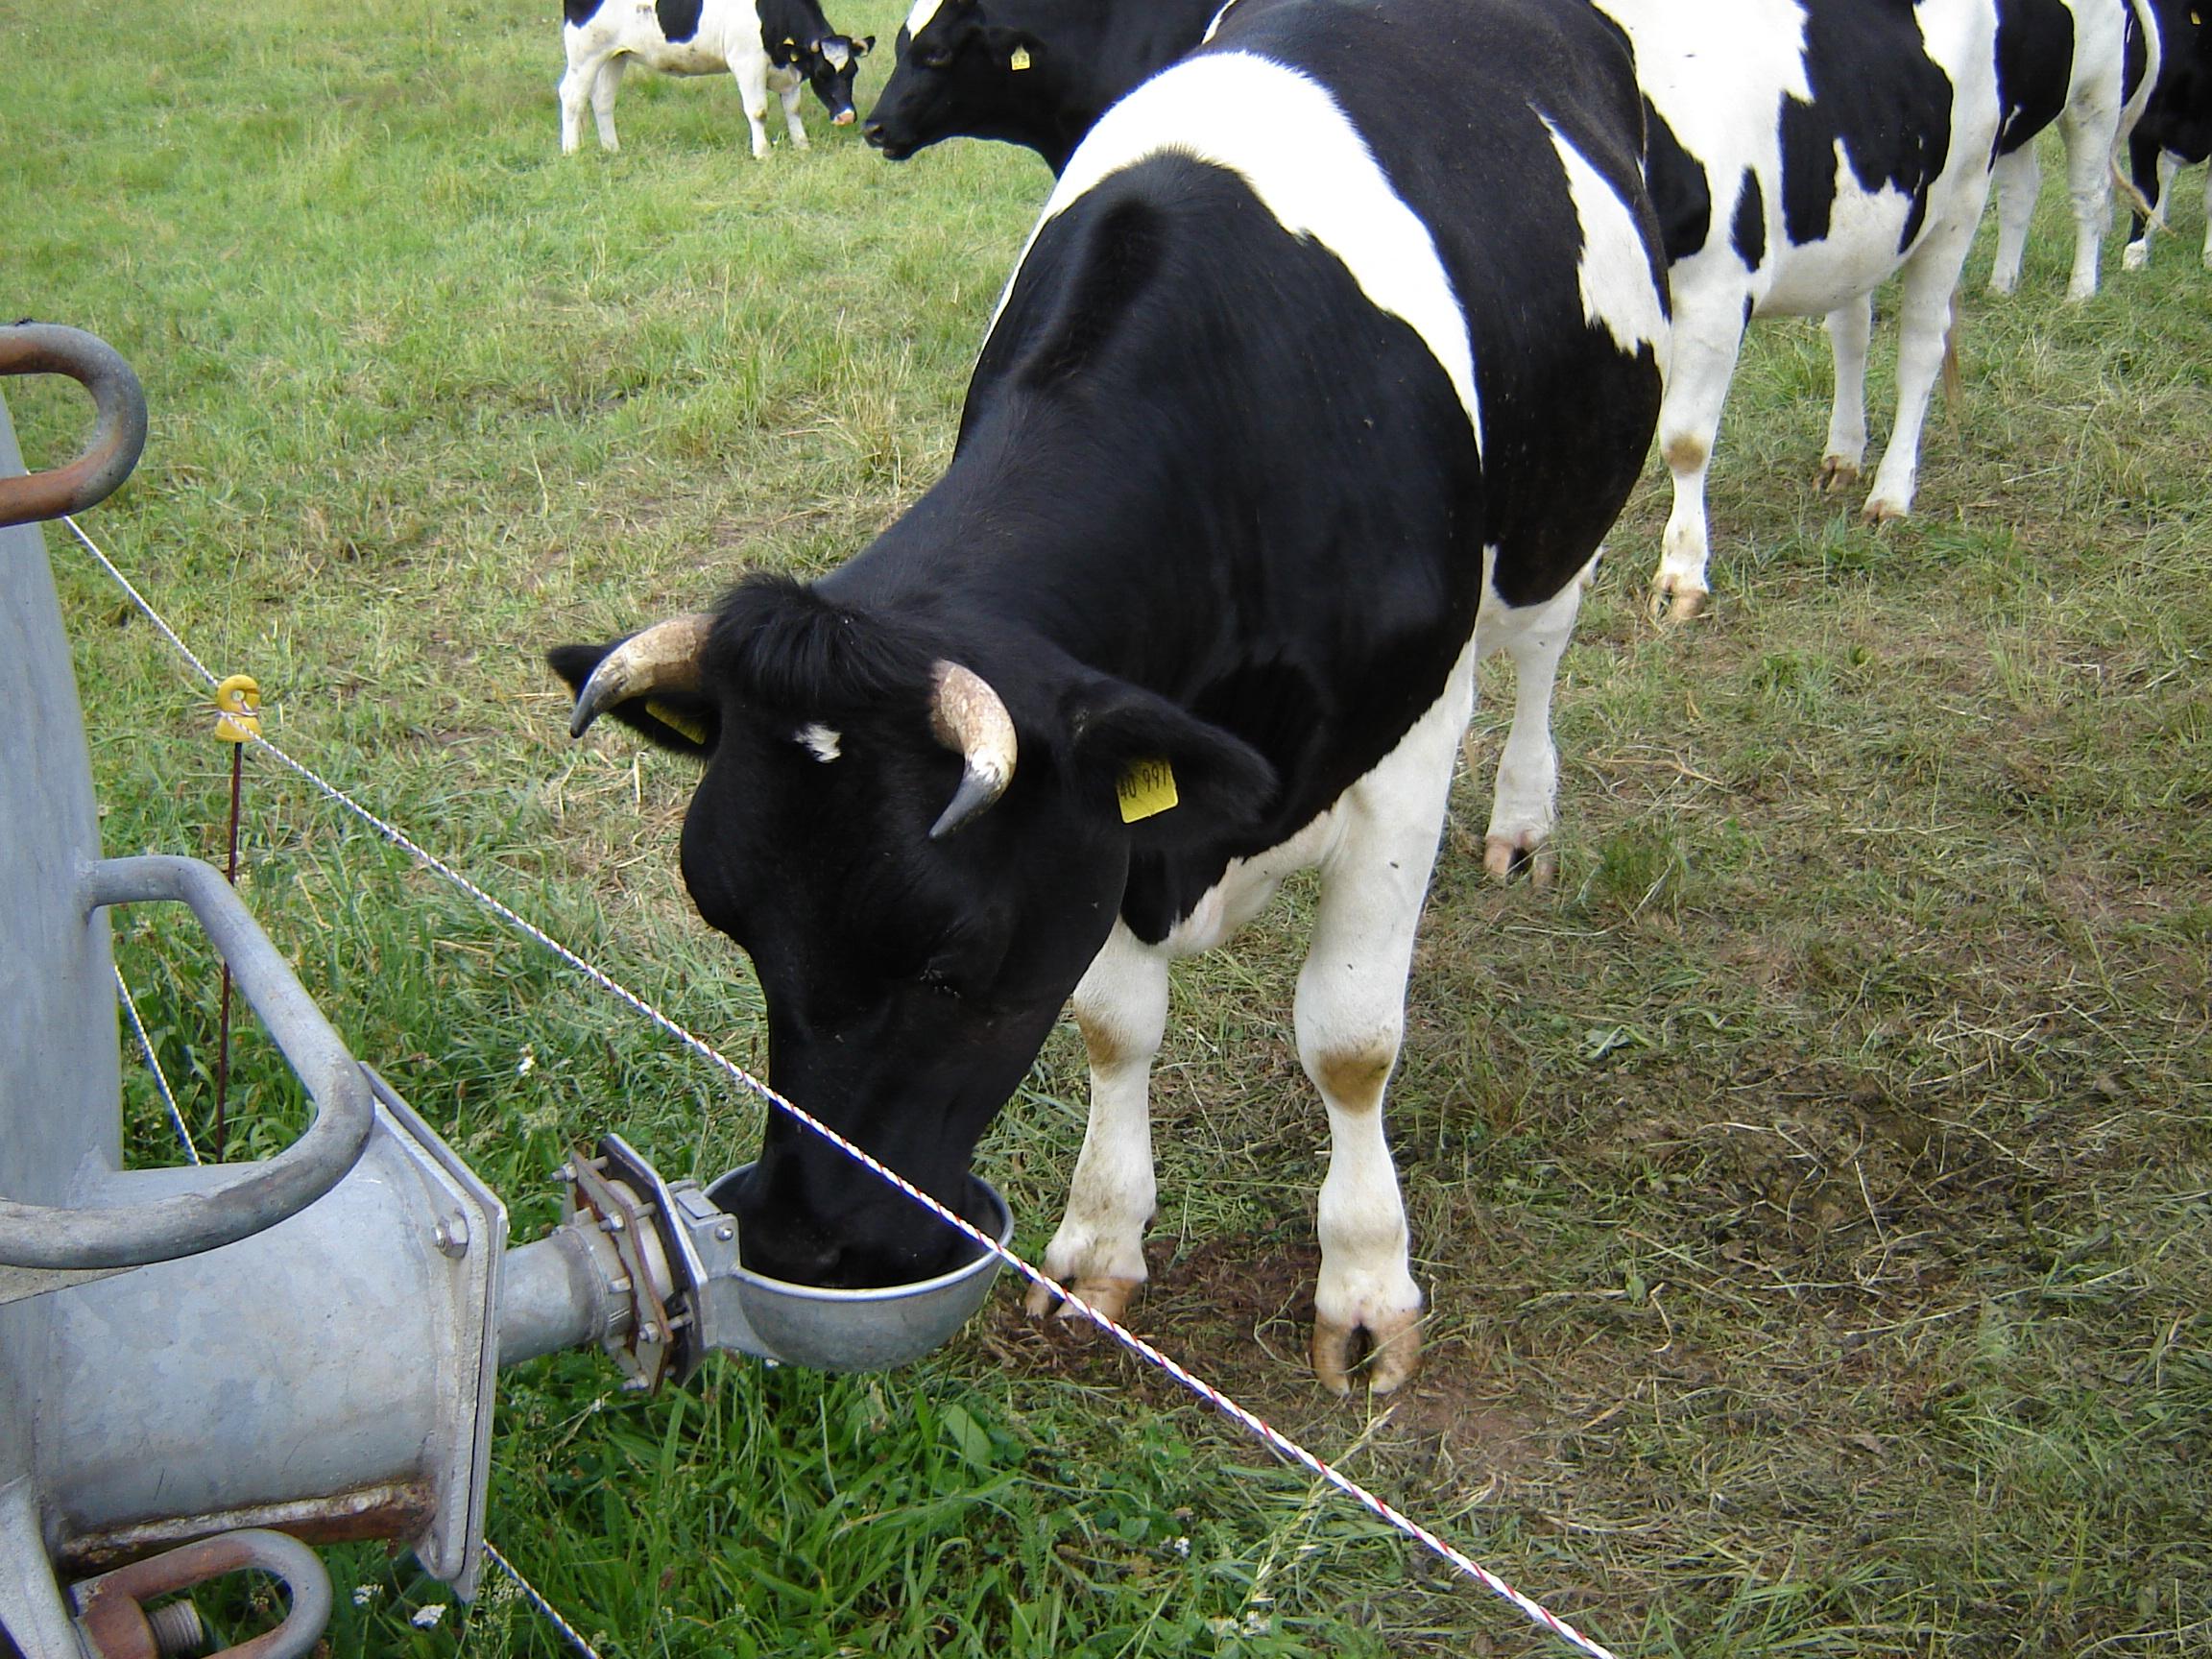 Datei:Rind nutzt Weidetränke.jpg – Wikipedia